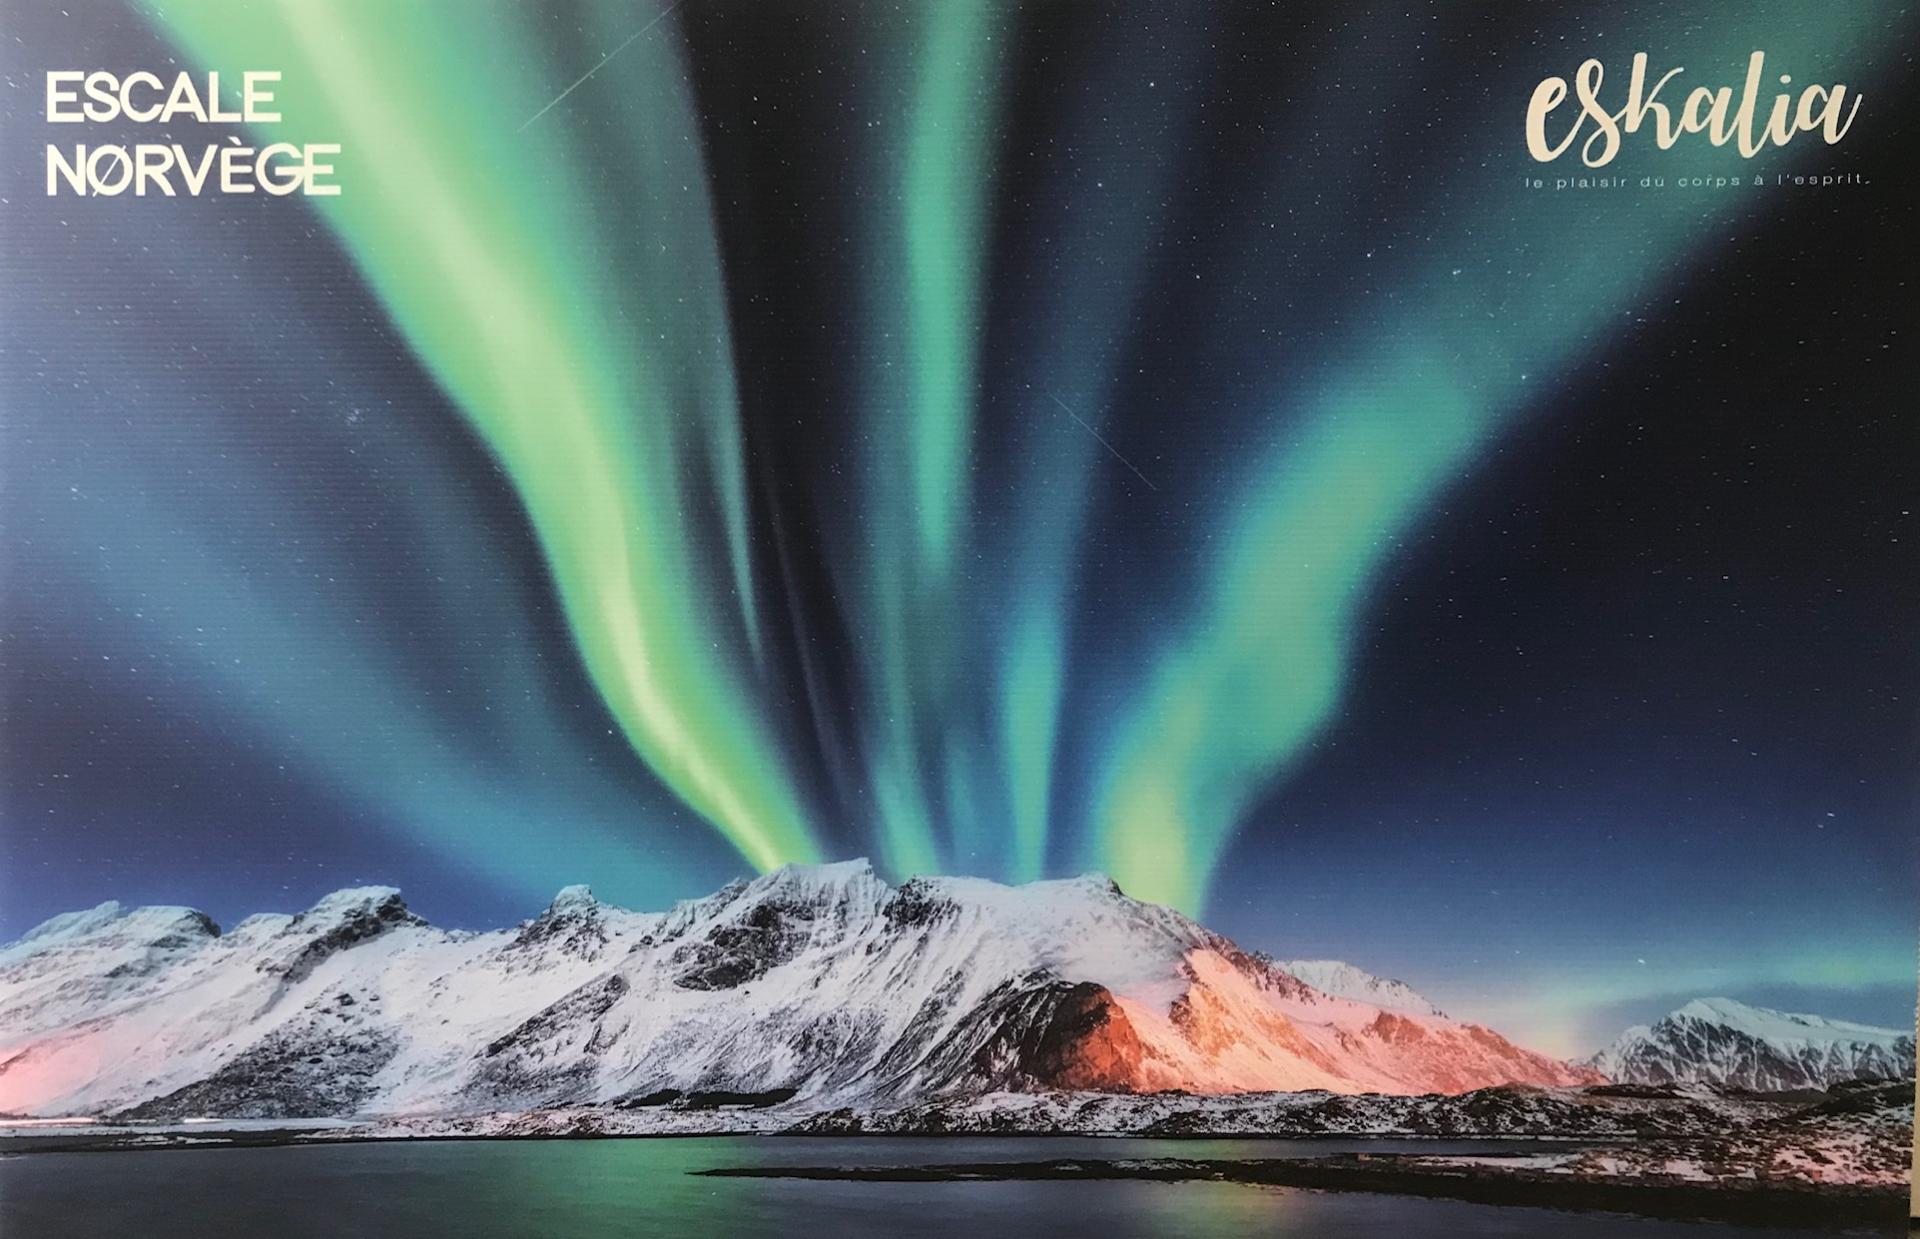 eskalia norvege gabrielle esthetique